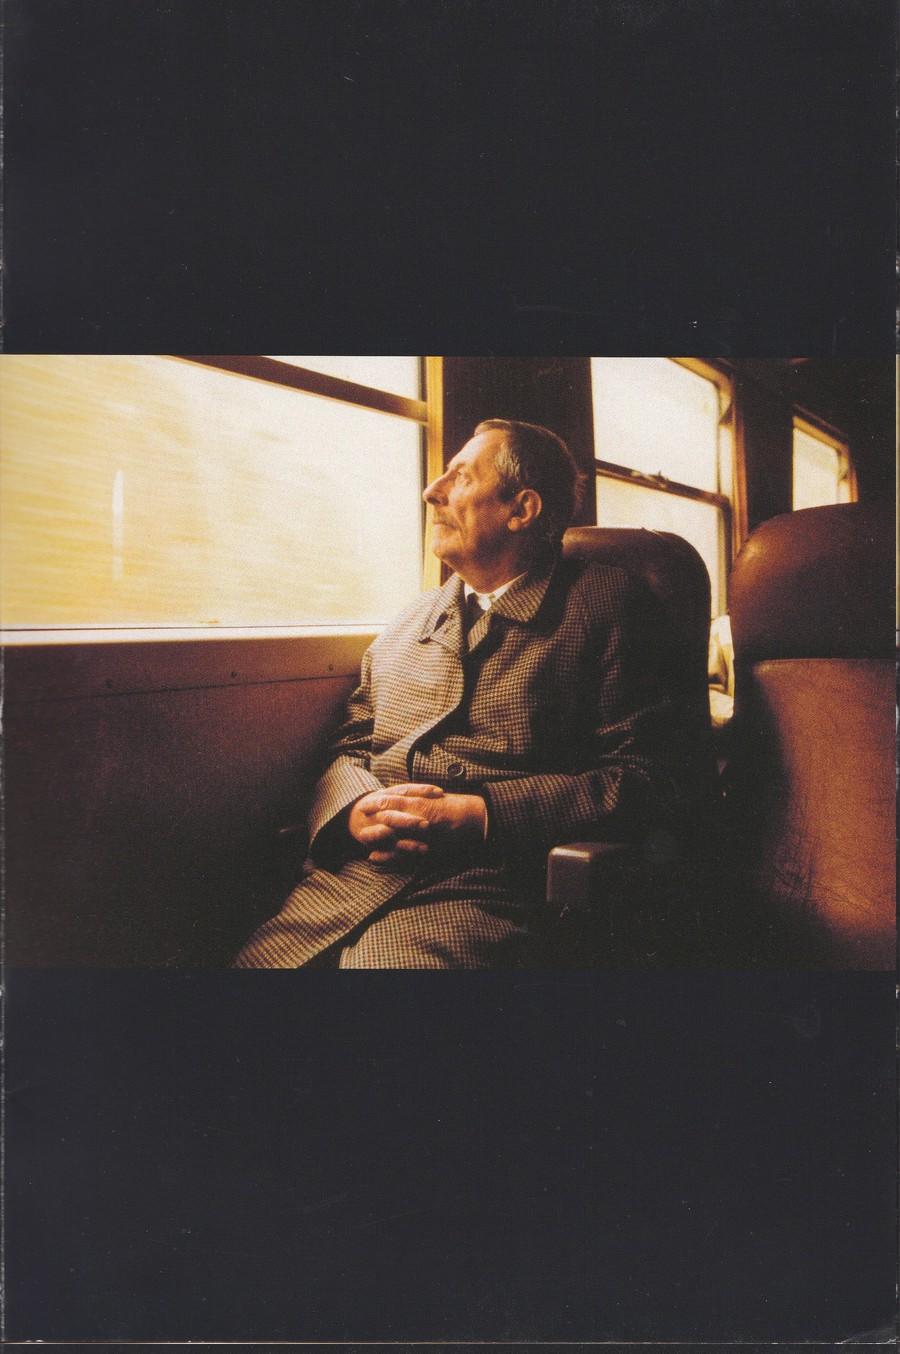 LES FILMS DE JOHNNY 'L'HOMME DU TRAIN' 2002 Img_2757